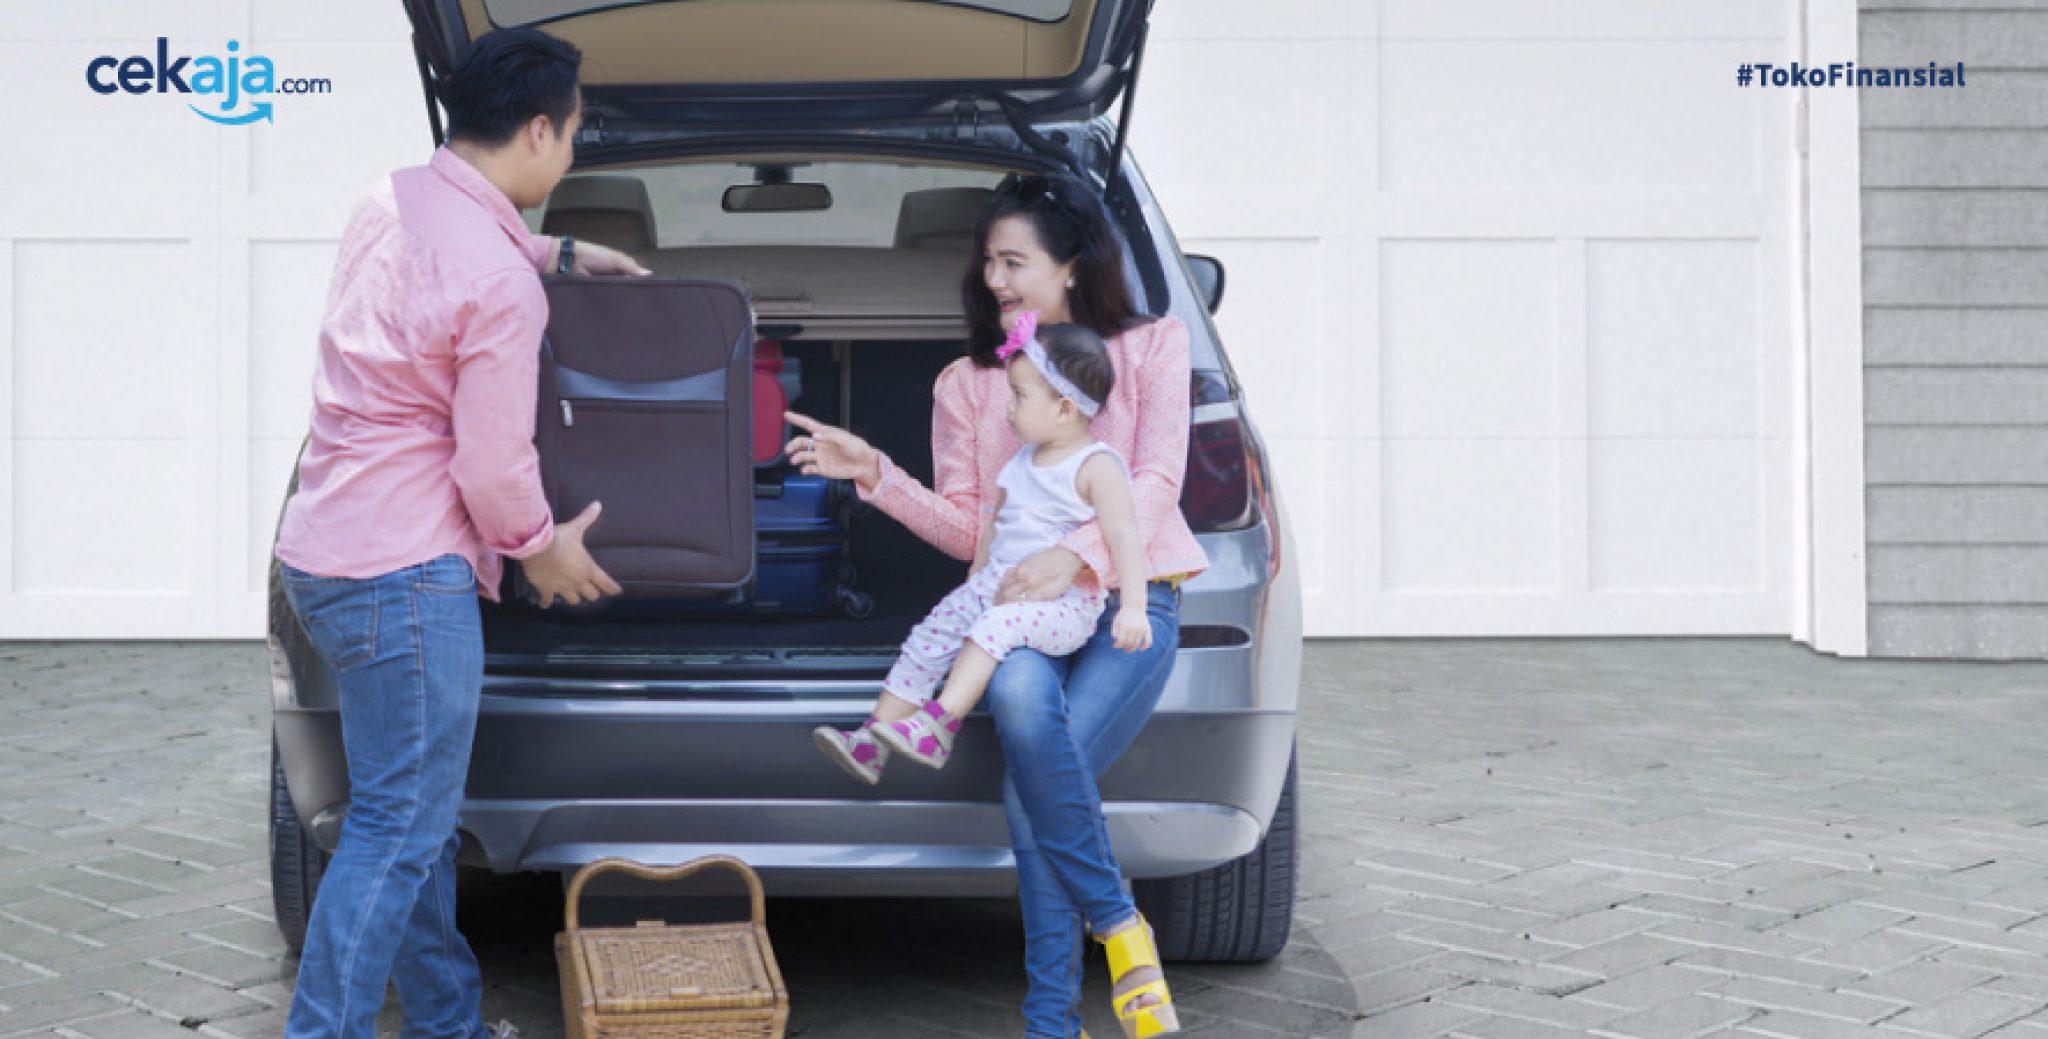 Tips Kumpulkan Uang Buat Pasangan Muda Yang Ingin Beli Mobil Mvp Tempat Kartu Koin Di Dalam 8 Bulan Cekaja